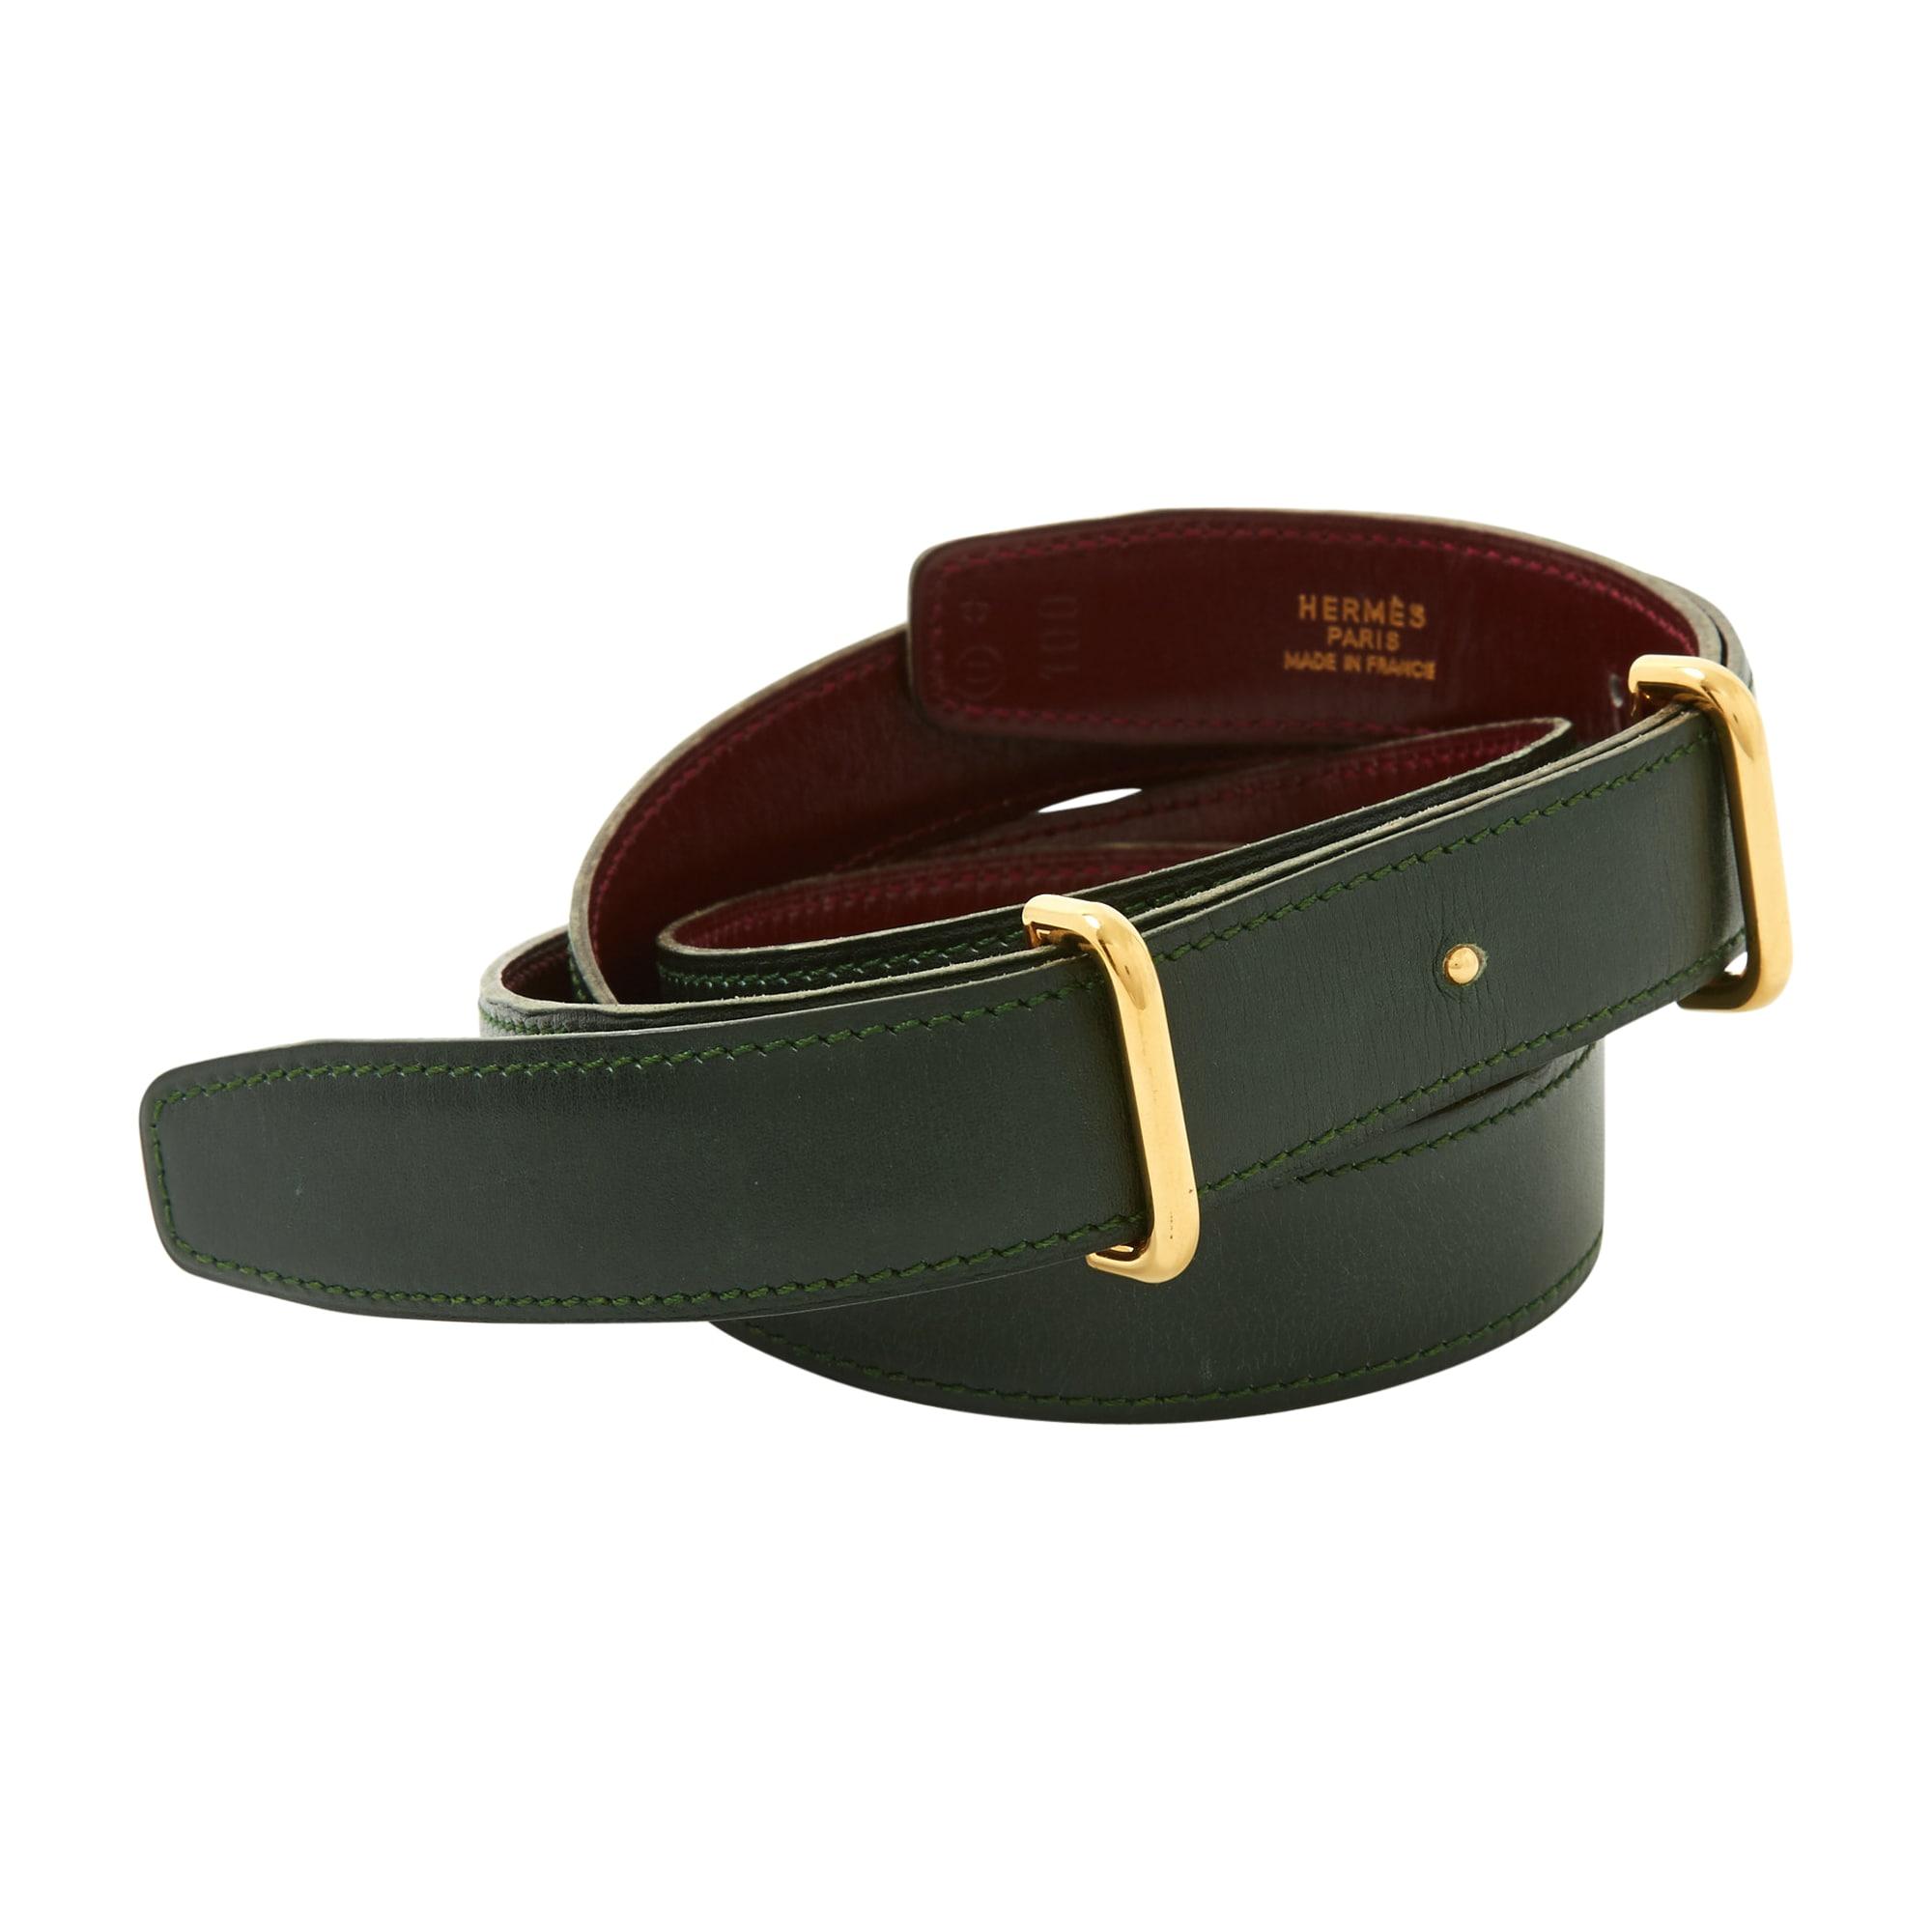 0dd9665ae4c Ceinture fine HERMÈS ceinture h 100 vert vendu par Larcher - 7700522